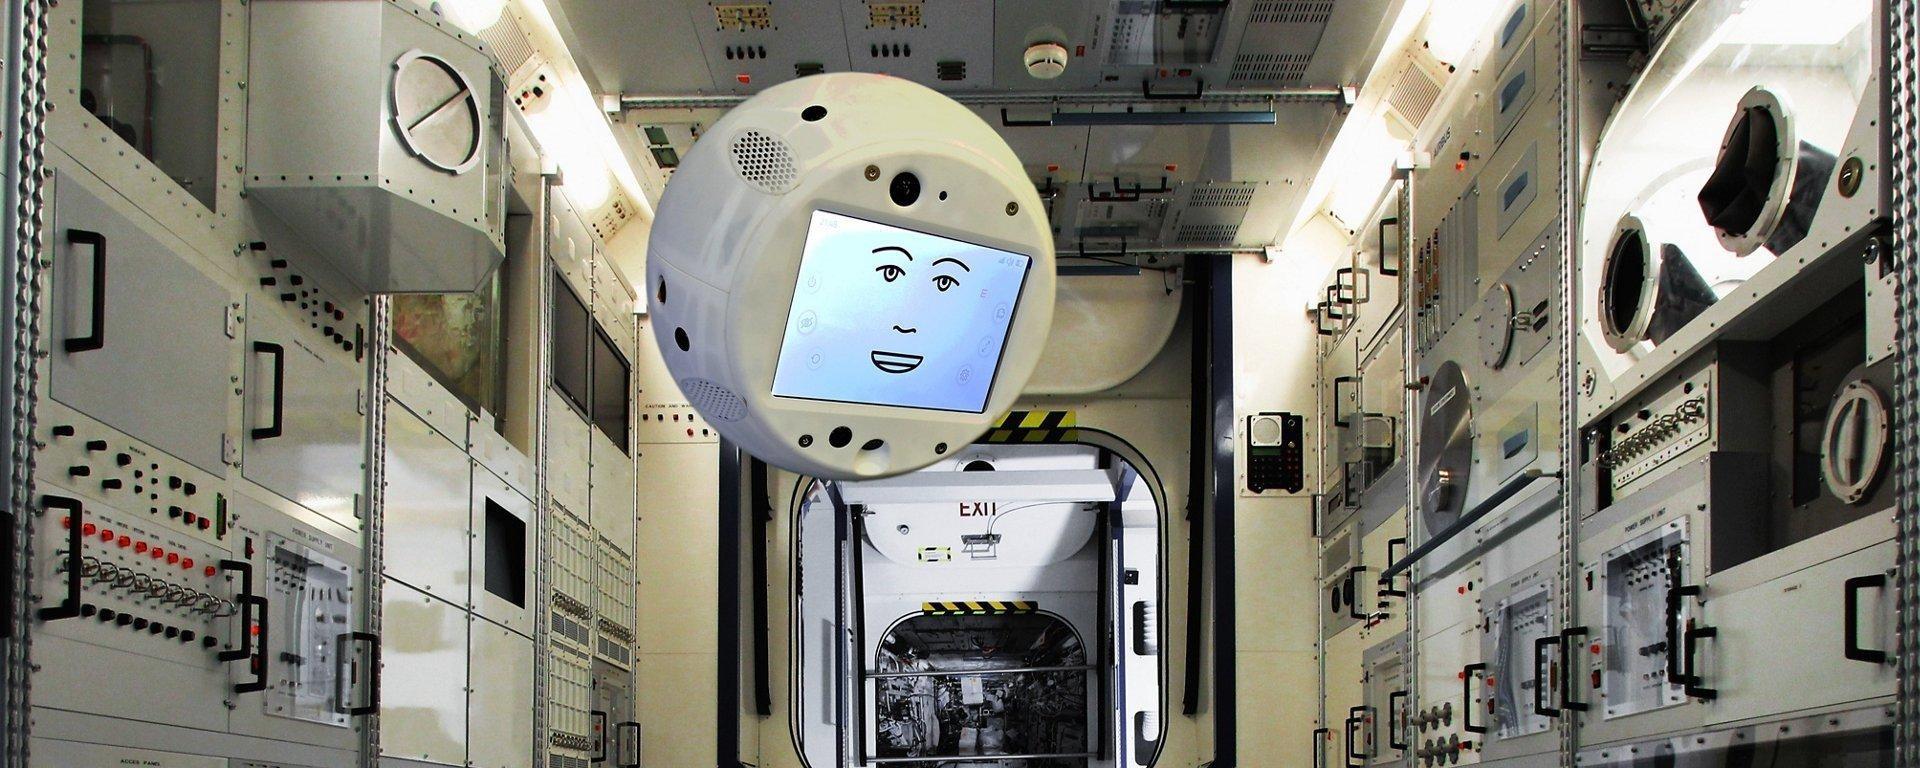 Robô inteligente e flutuante será enviado à Estação Espacial Internacional